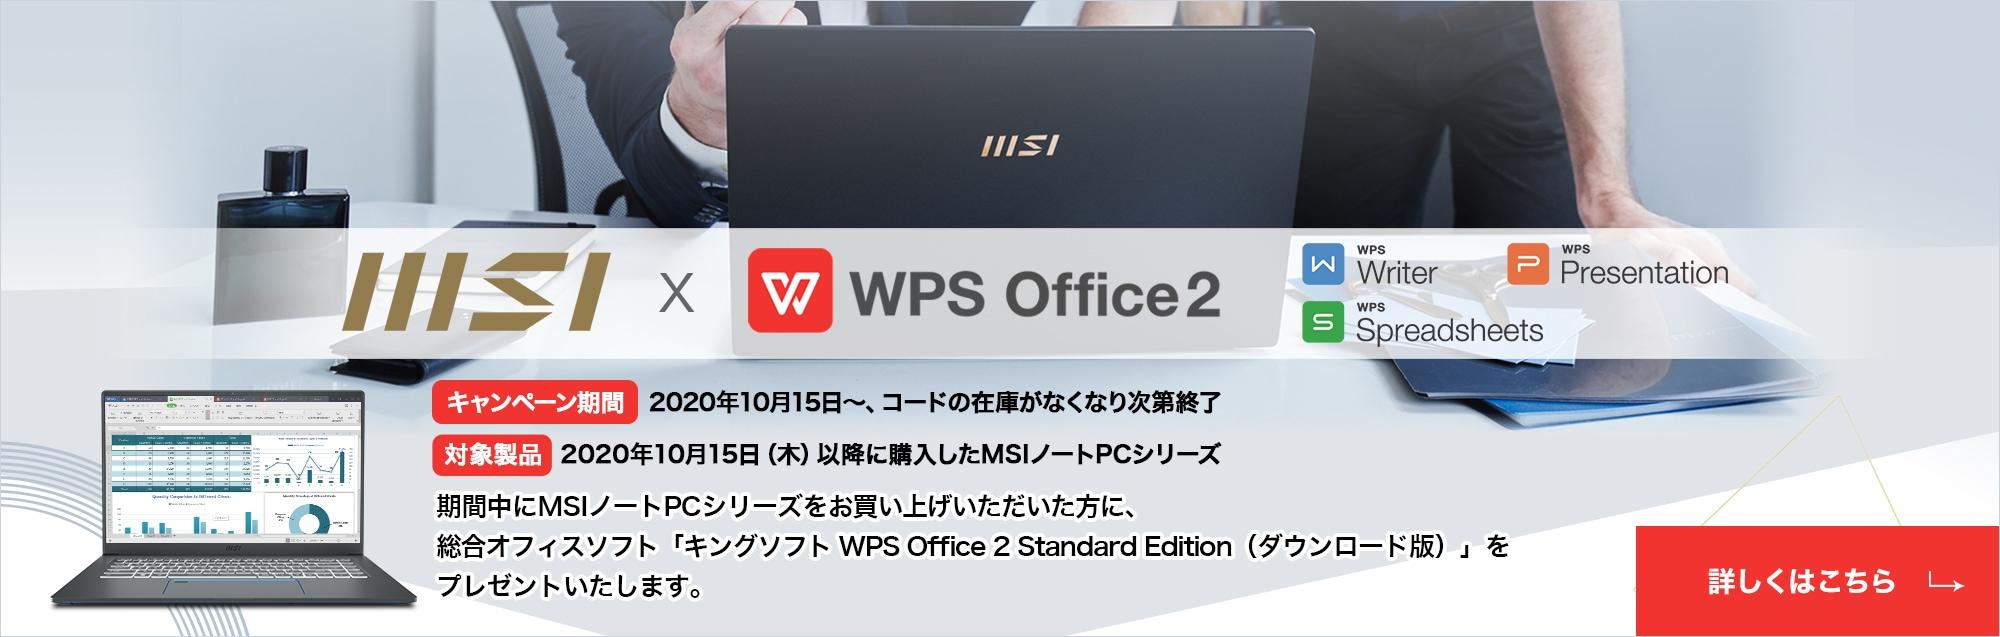 MSI×WPS Office2